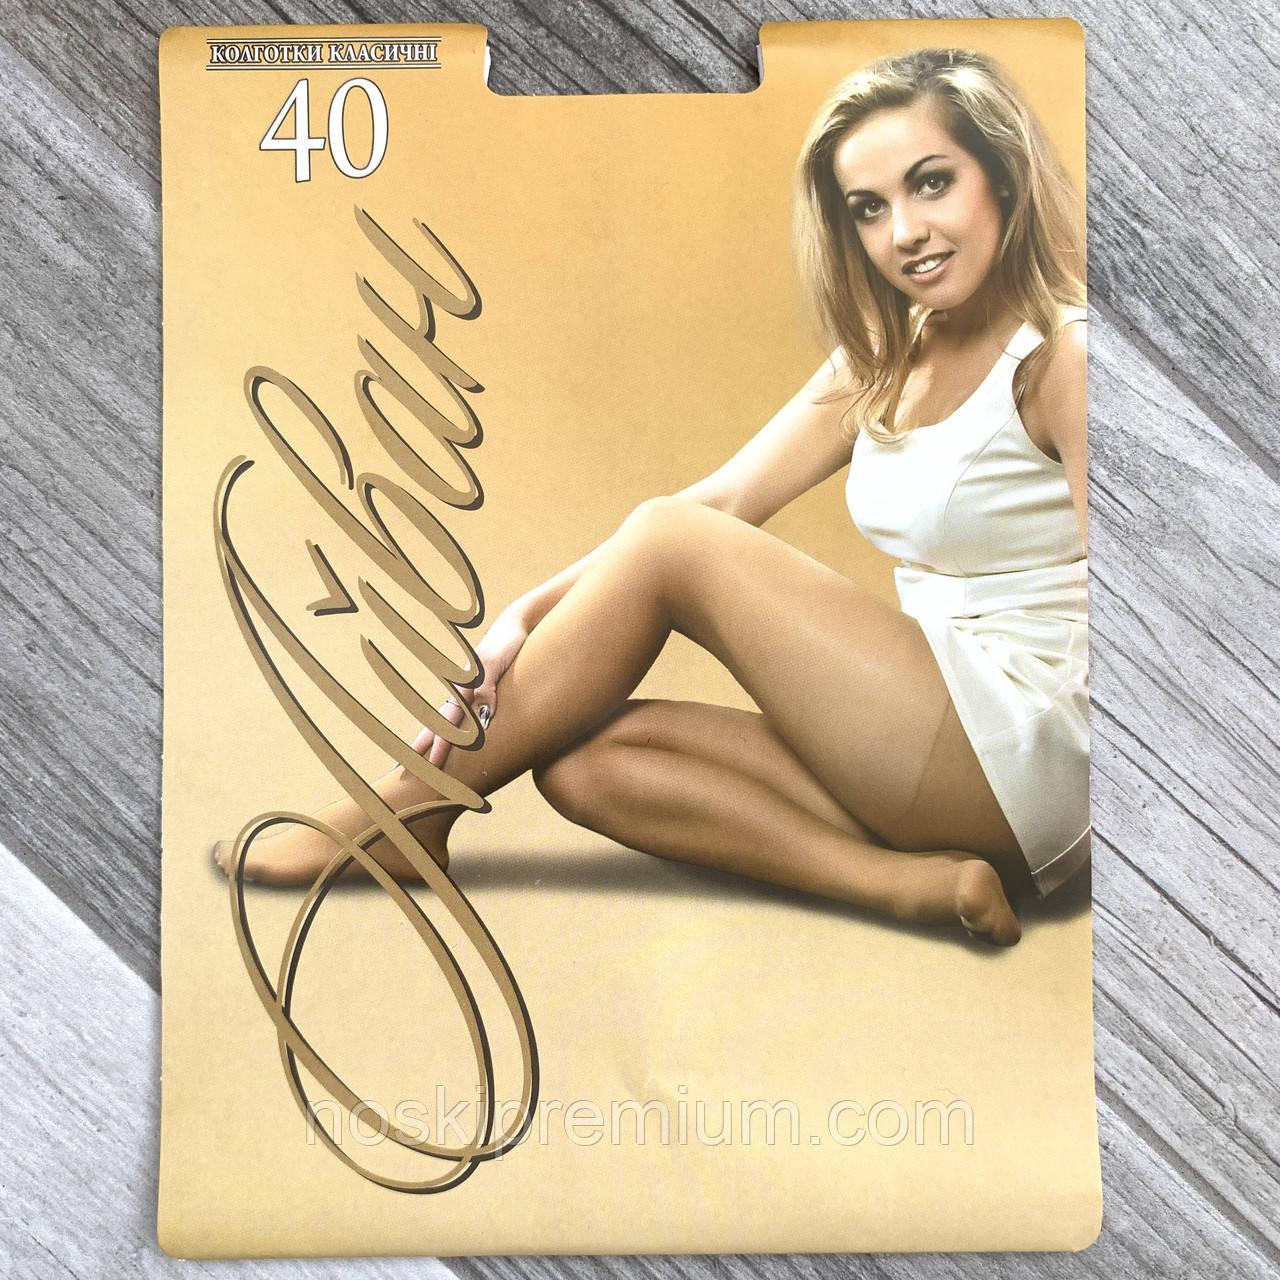 Колготки жіночі капронові Айван 40 Den, Україна, мокко 2 розмір